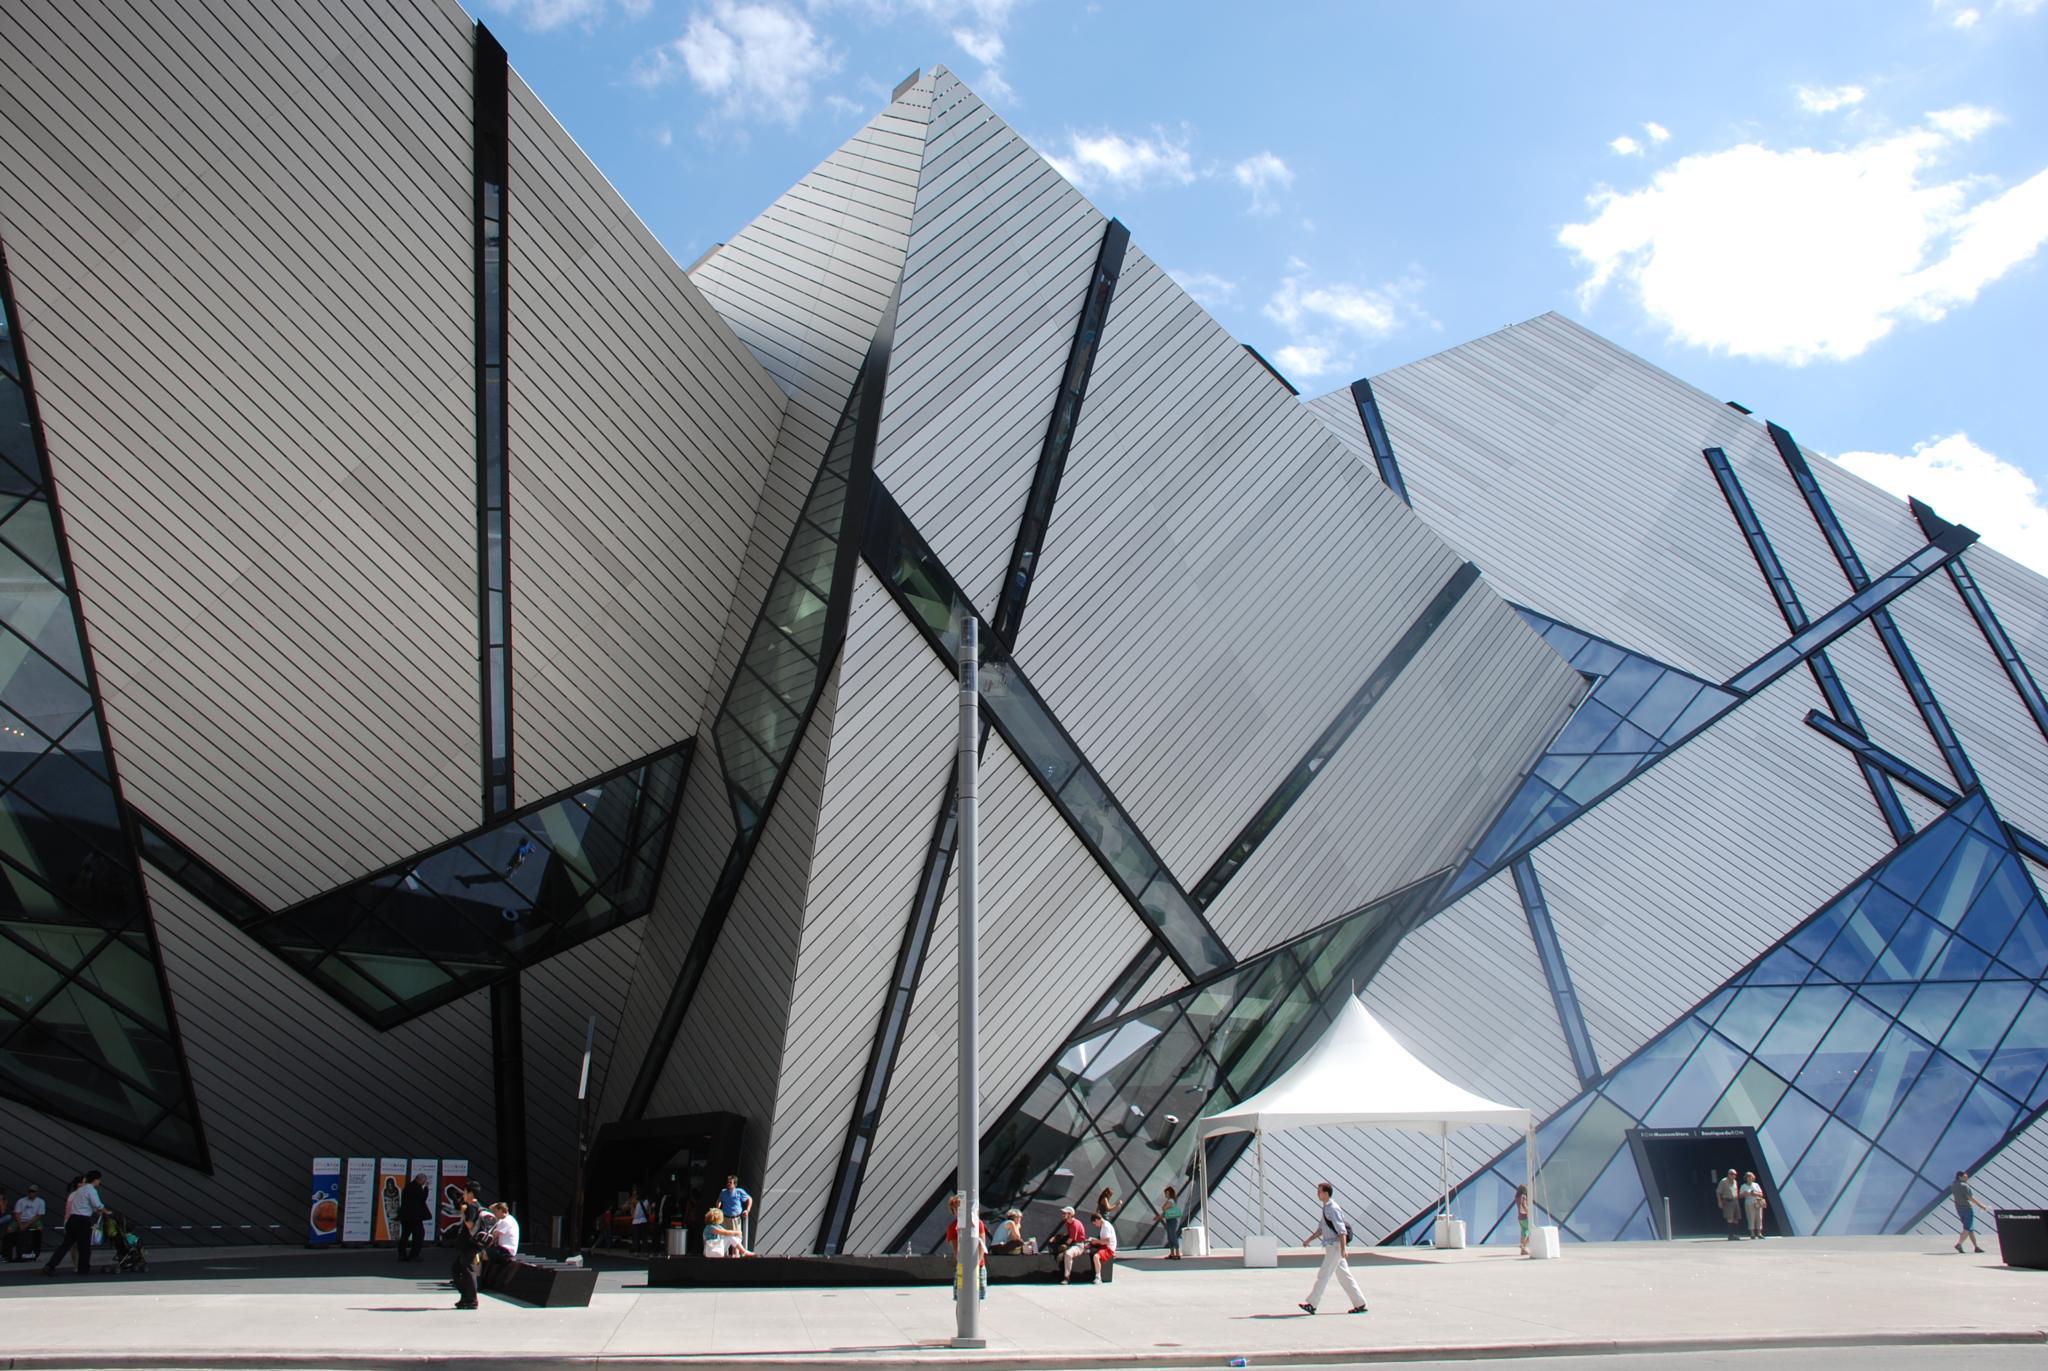 Royal Ontario museum Toronto by Cristina Bonani